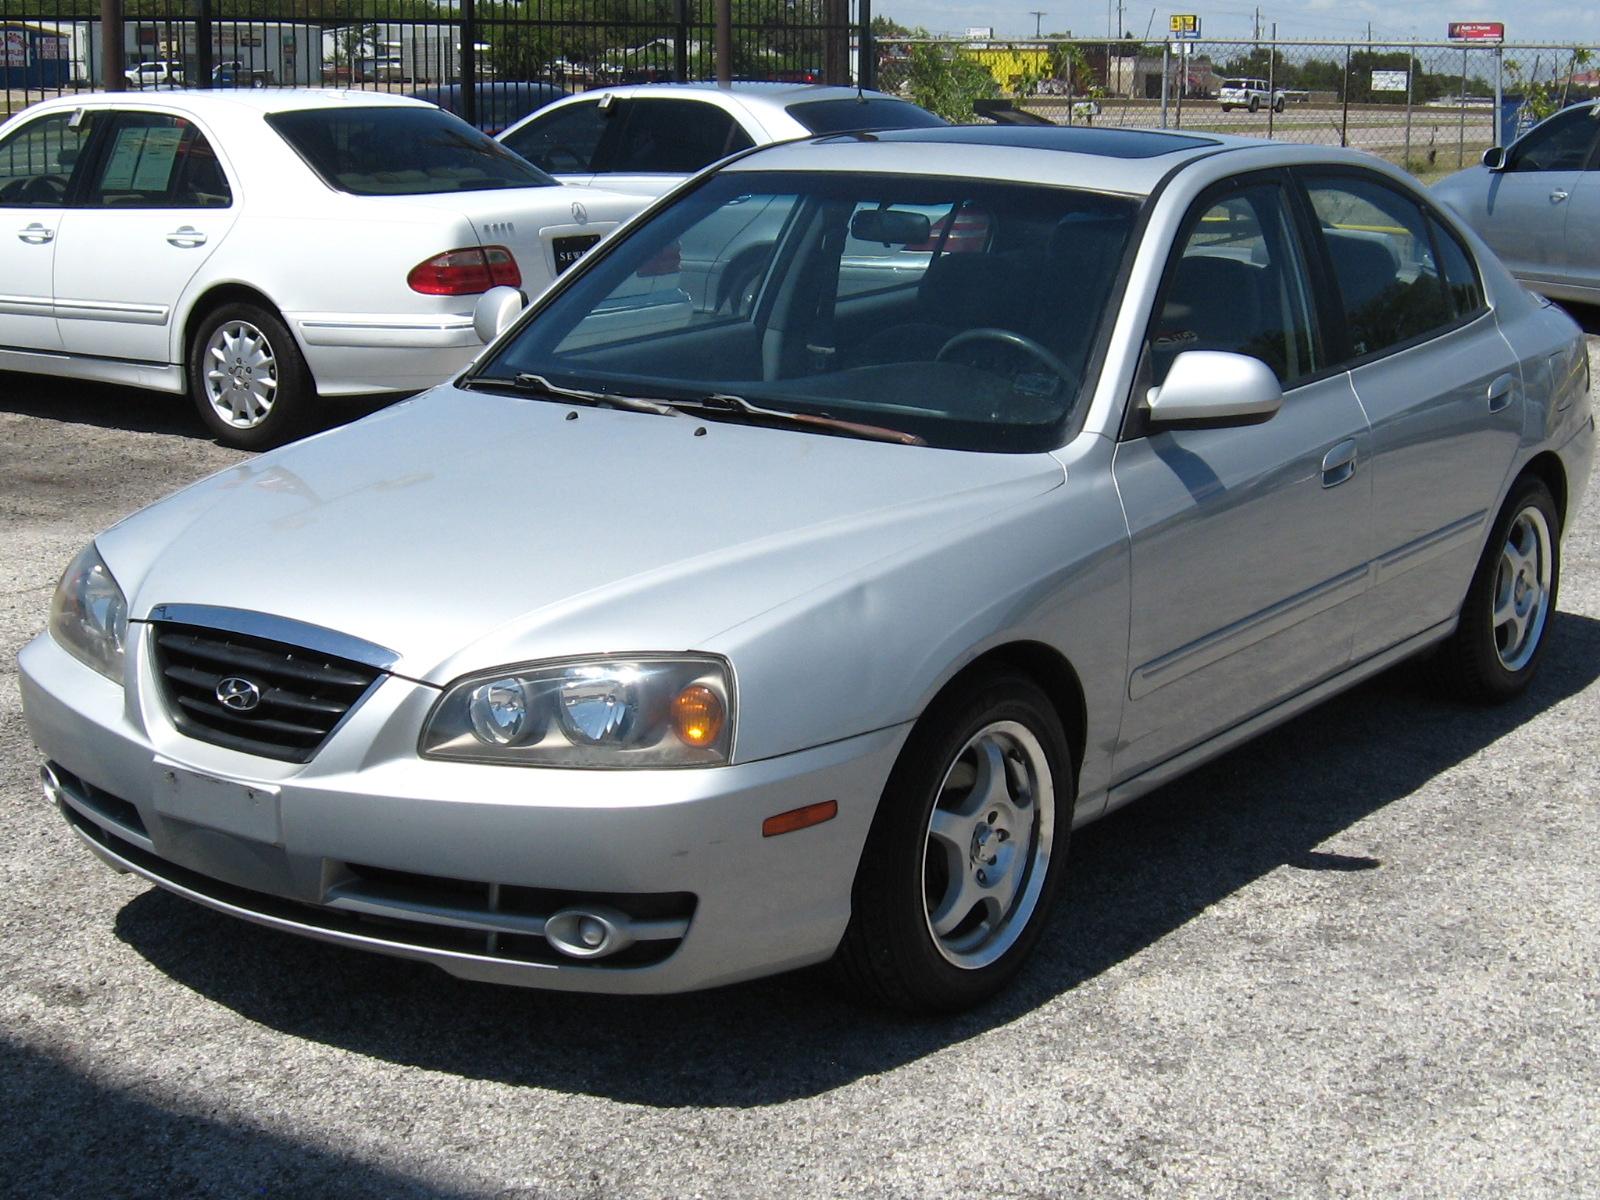 Img on 2007 Hyundai Elantra